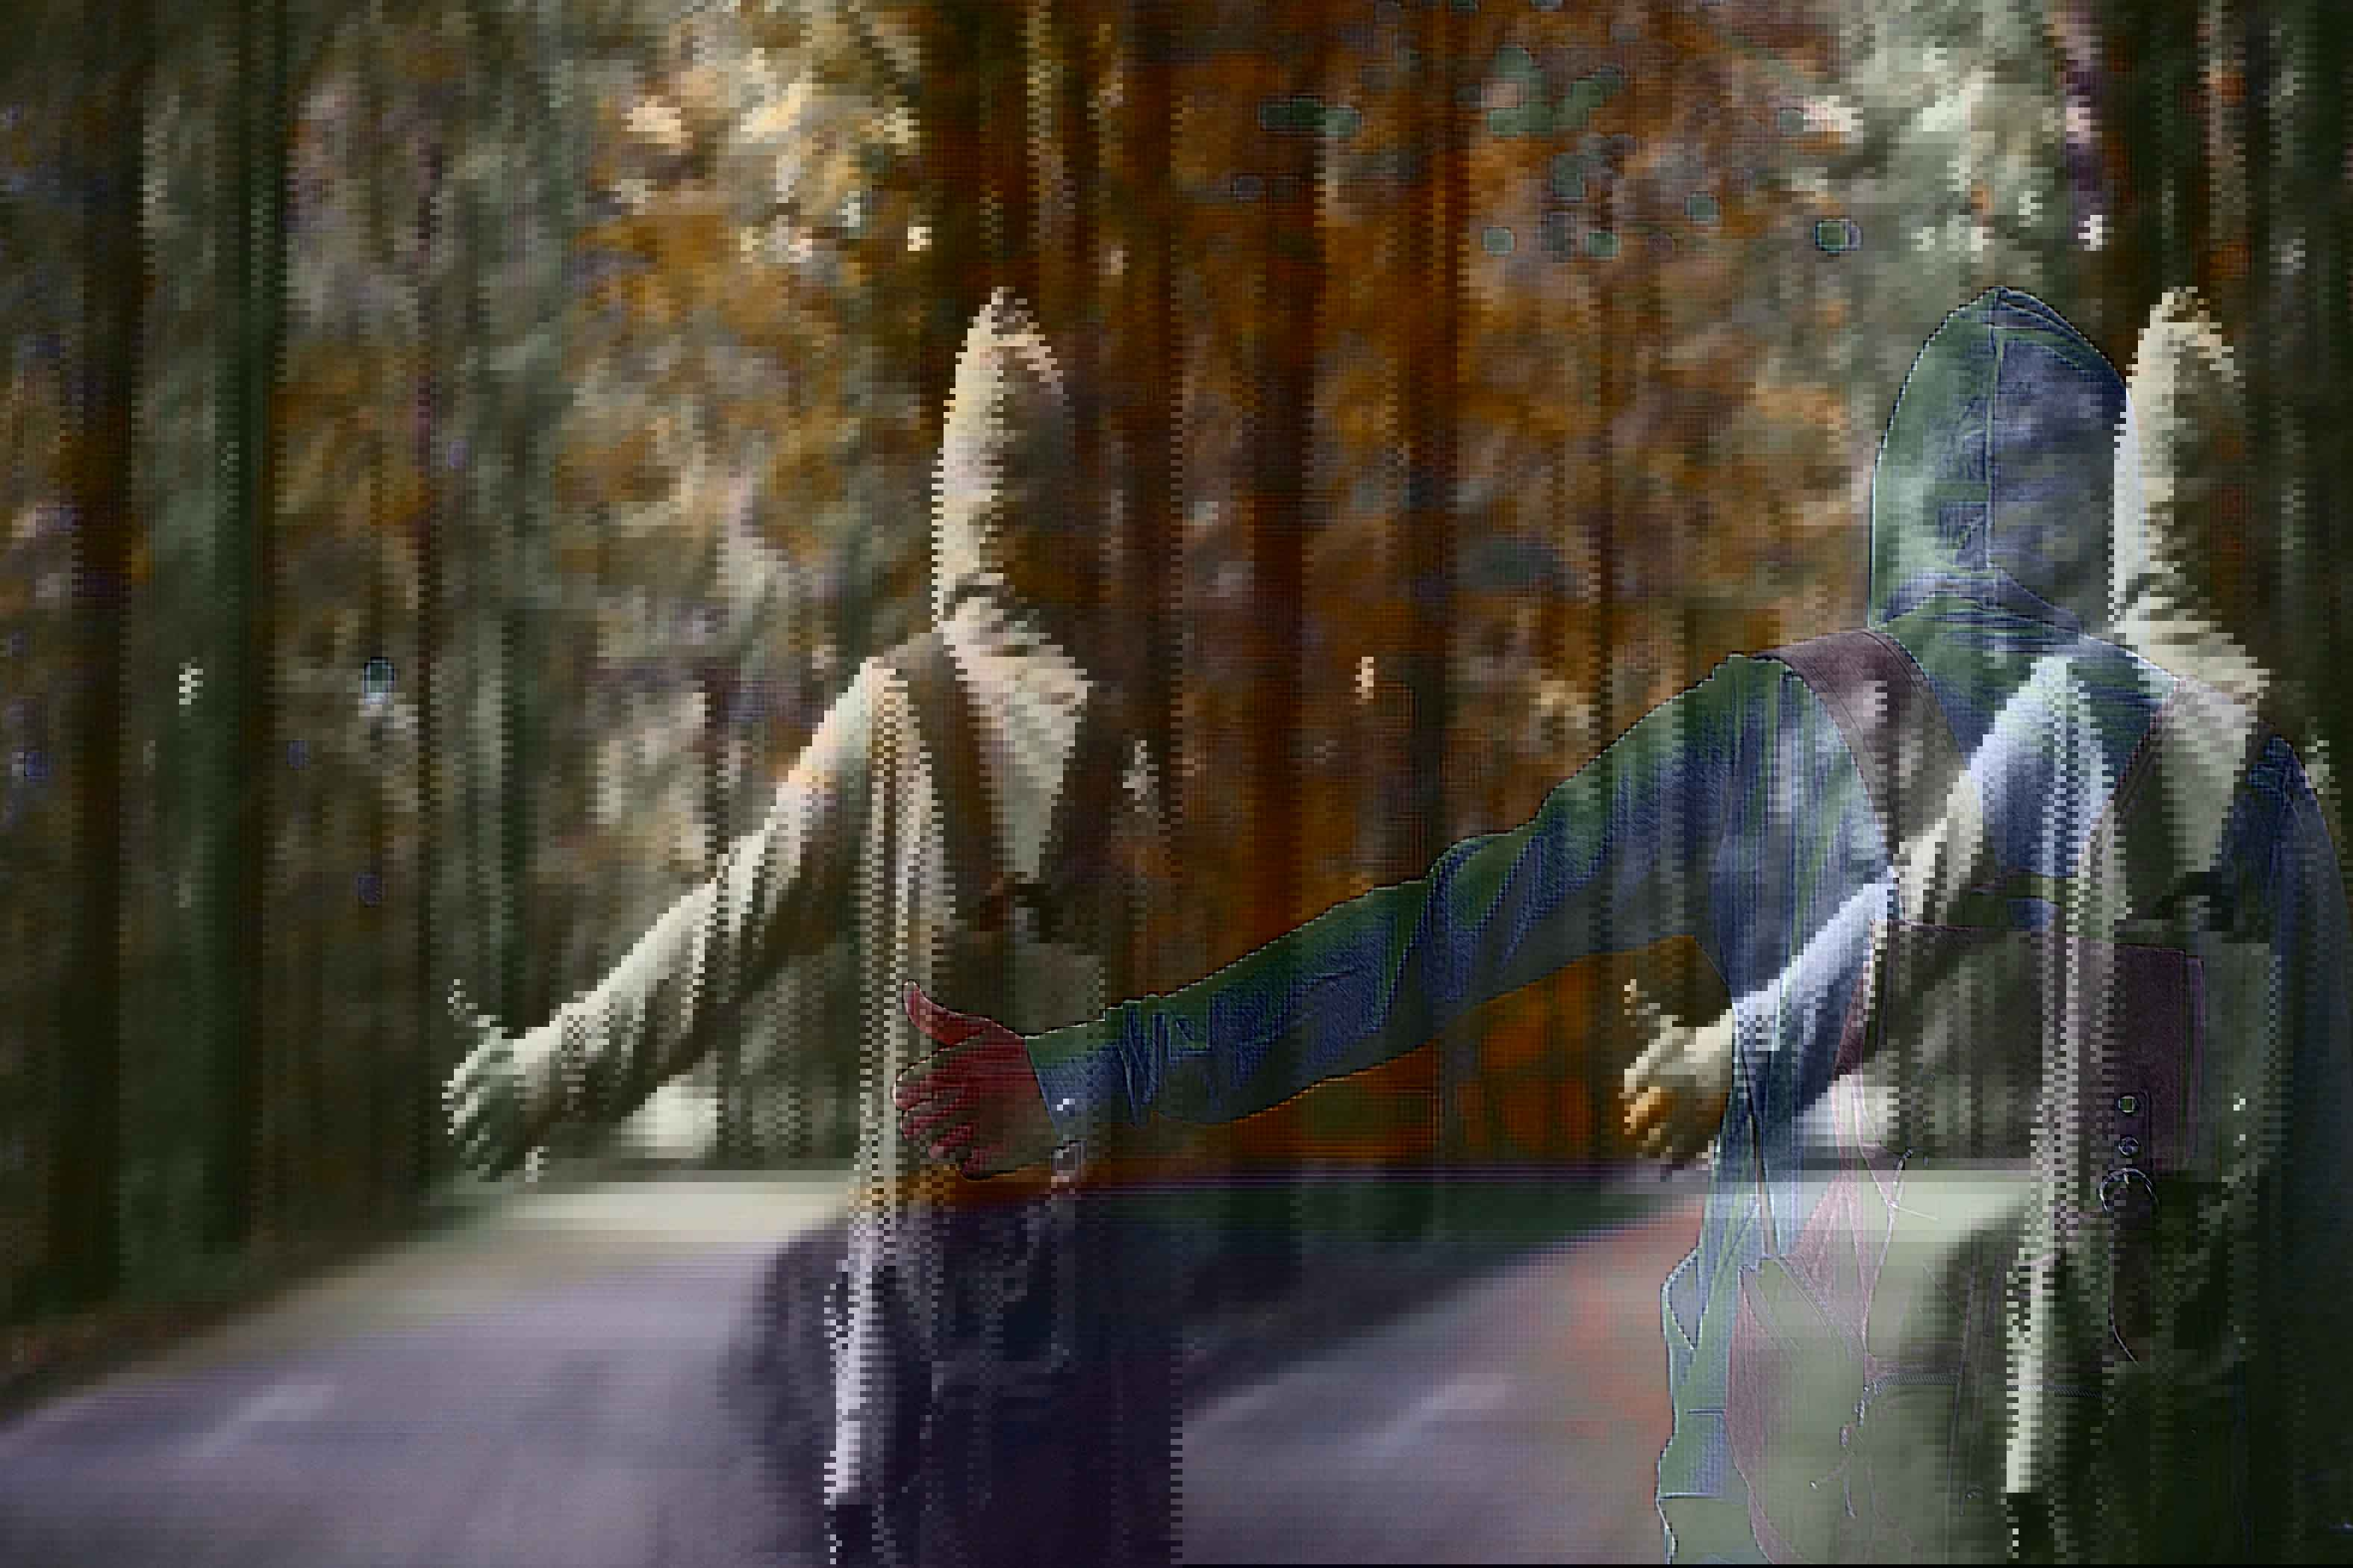 chico haciendo autostop en paisaje boscoso